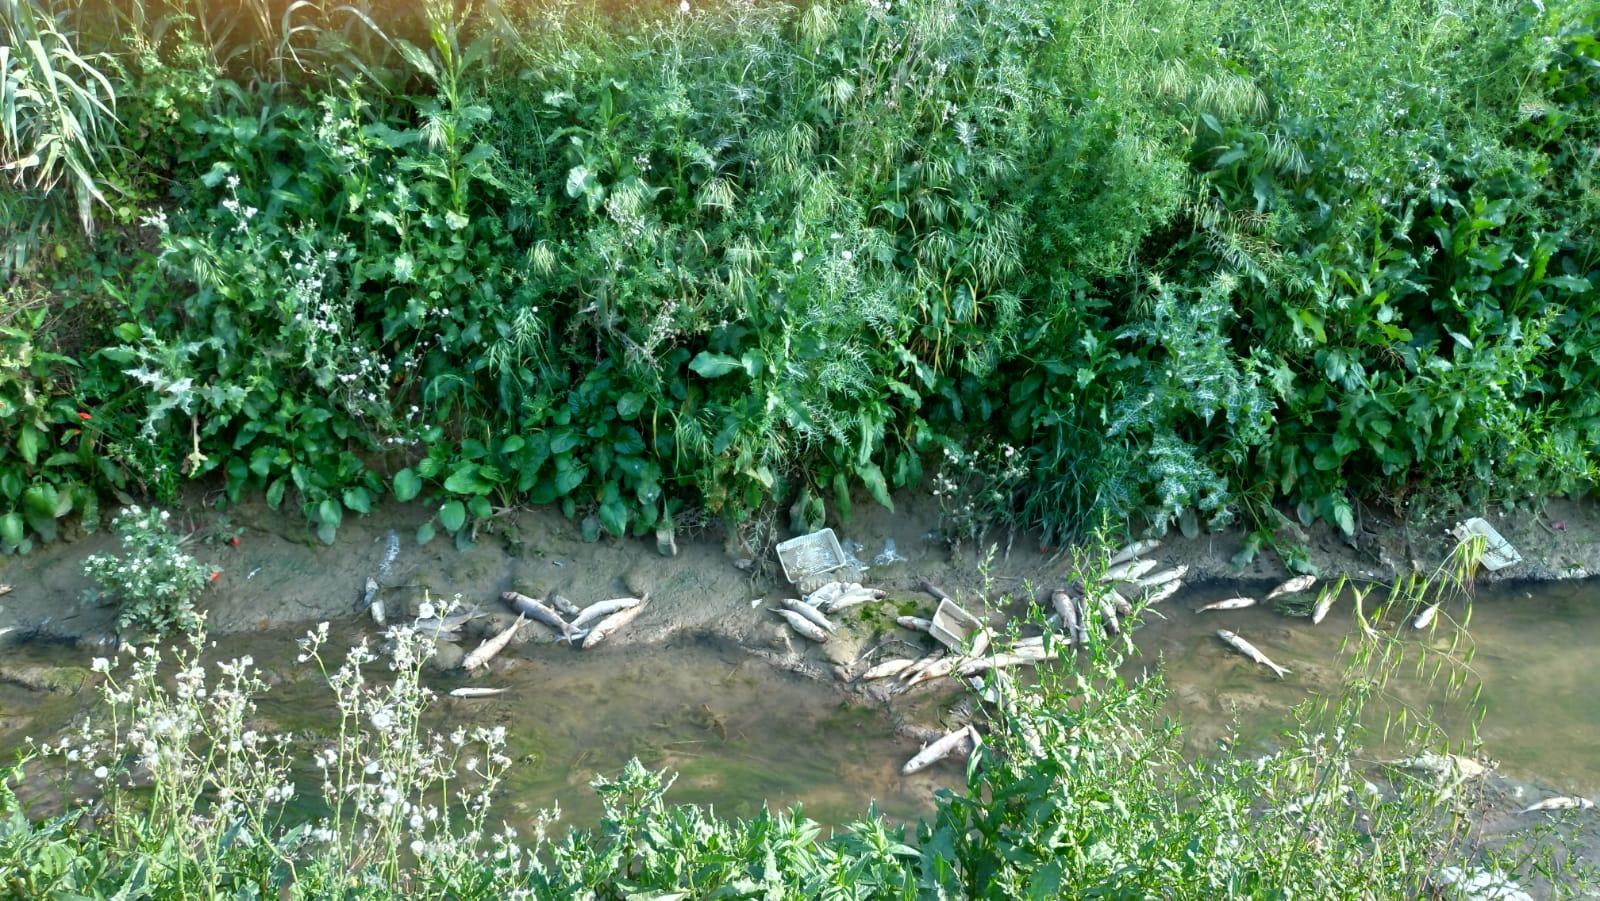 Mazara. Moria di cefali lungo il fiume che si sta prosciugando